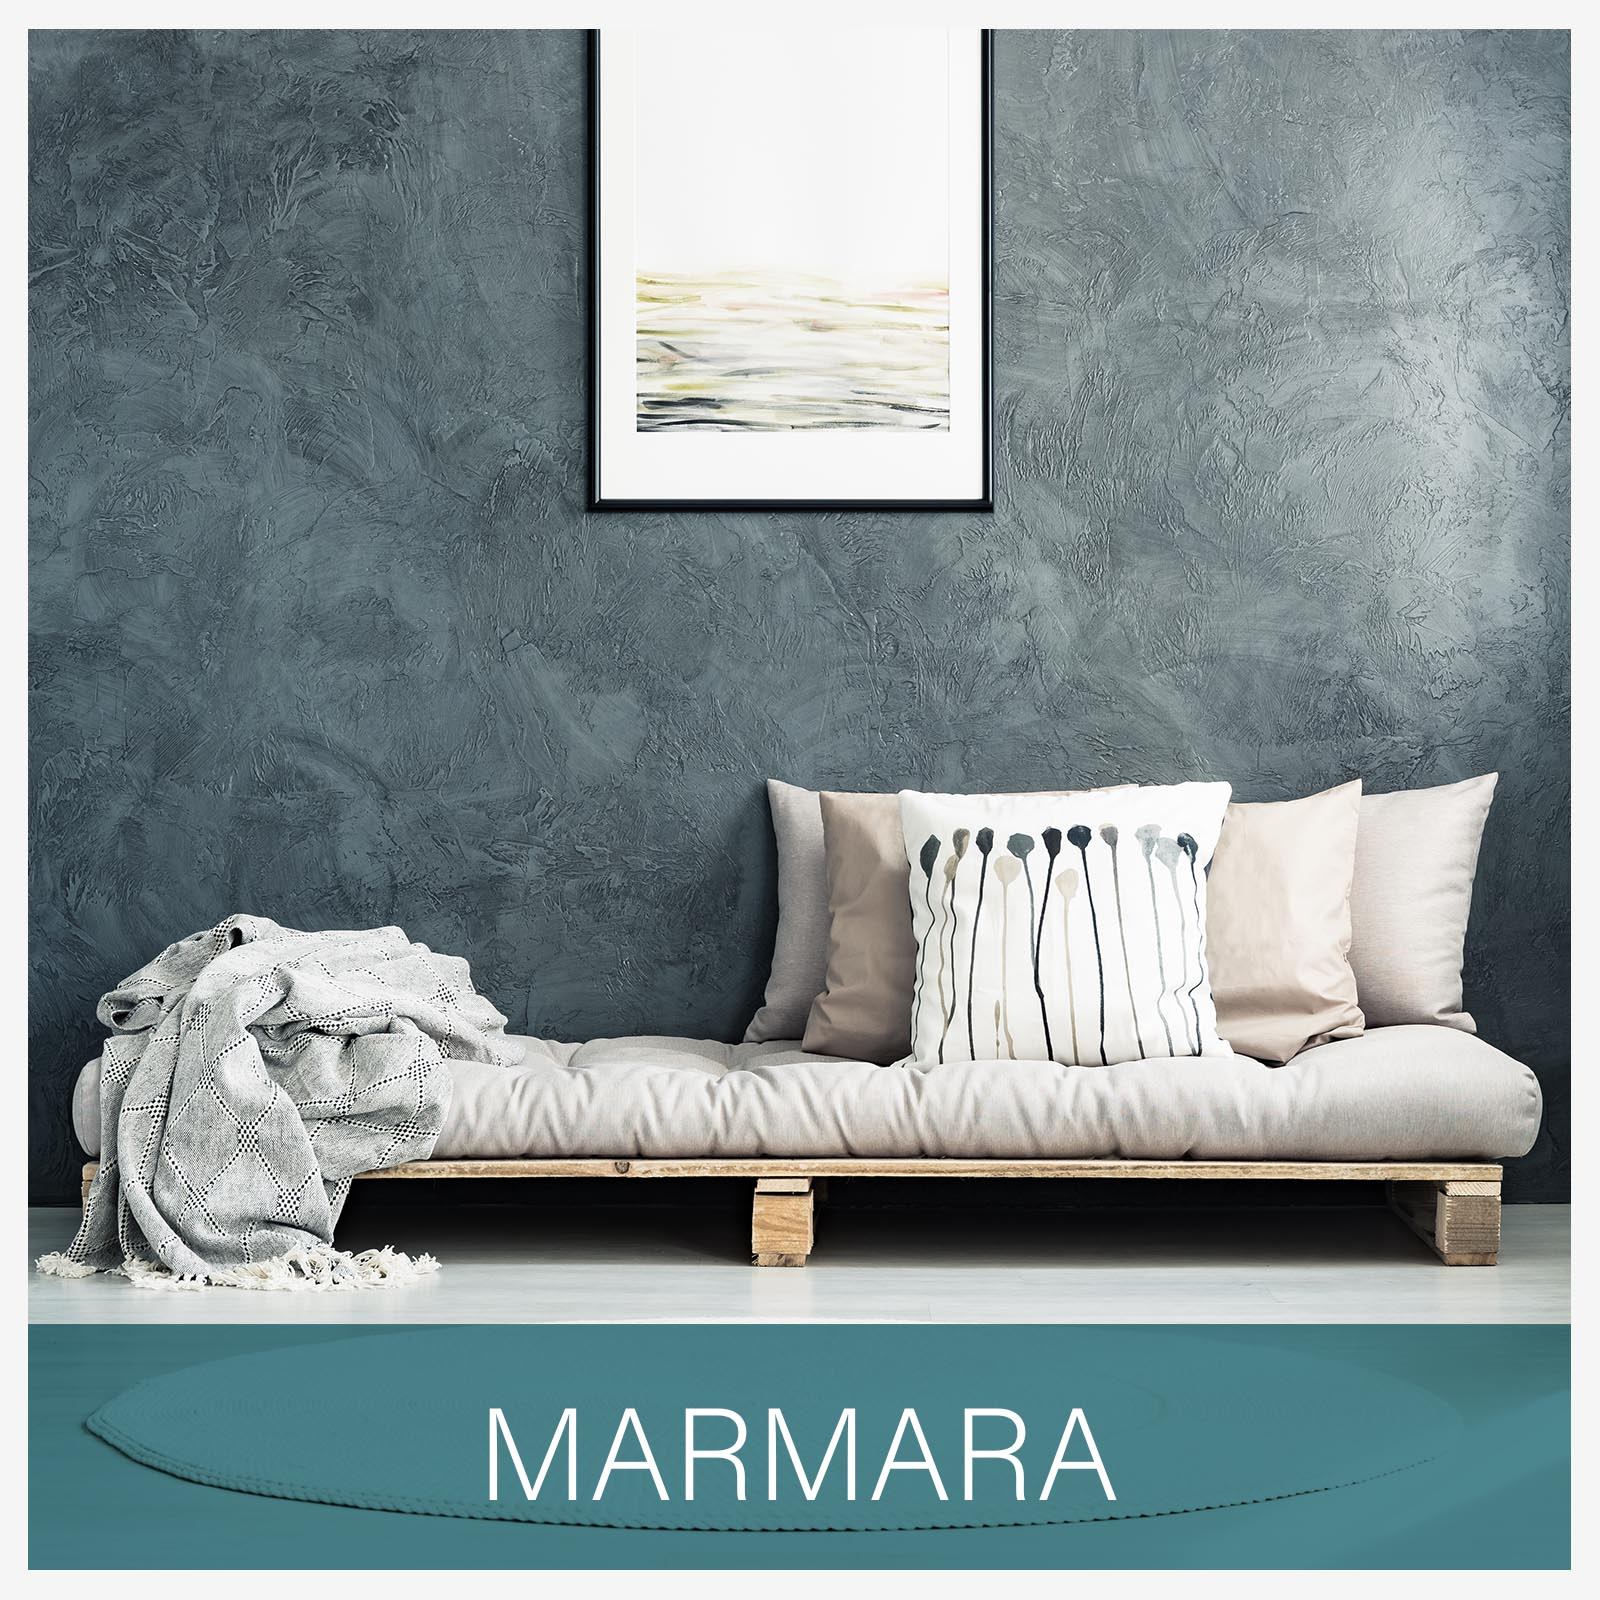 marmara-tekst